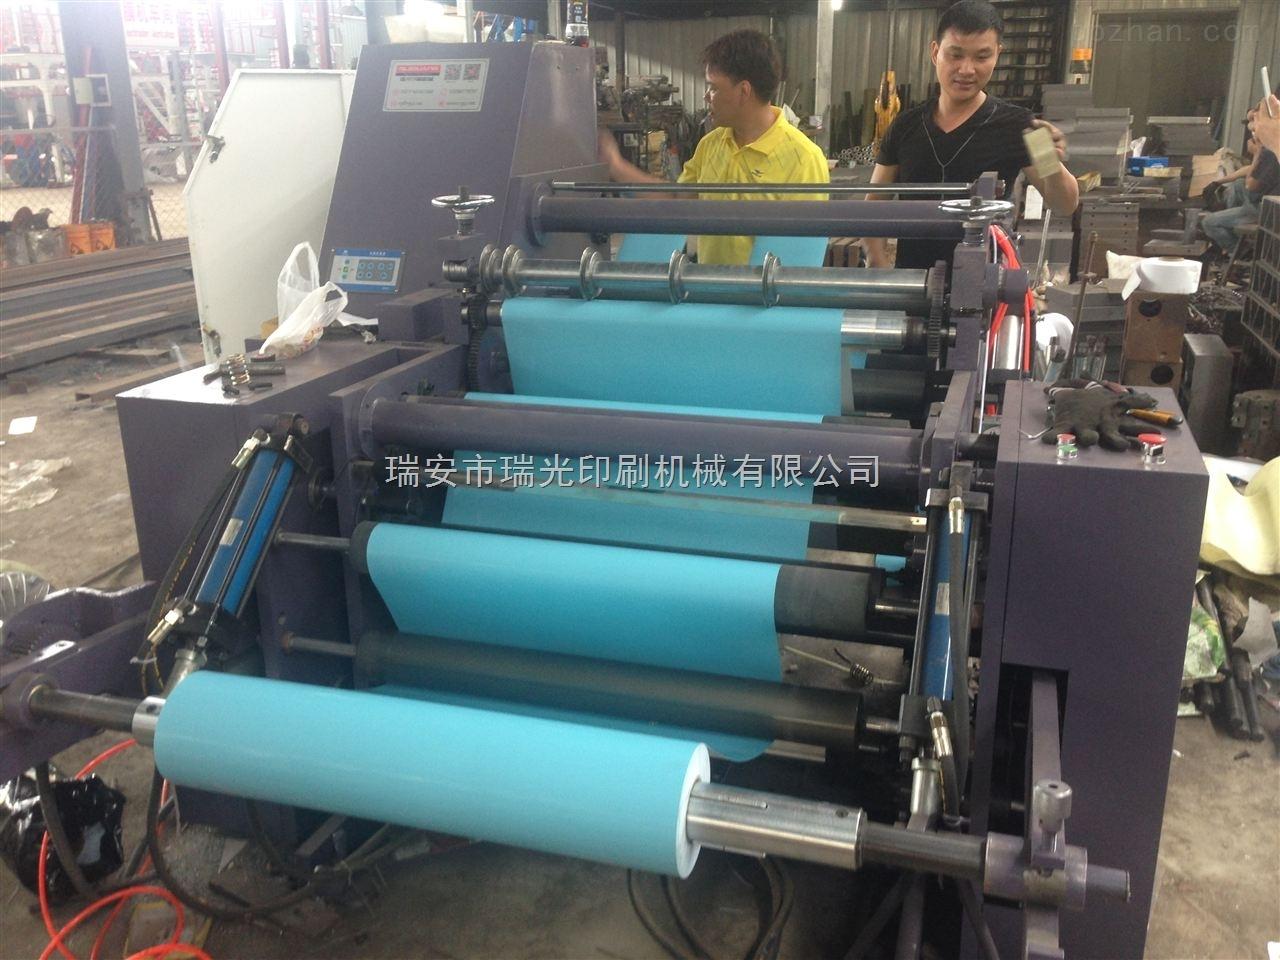 供应高速立式分切机 卷筒塑料分切机 塑料薄膜分切机